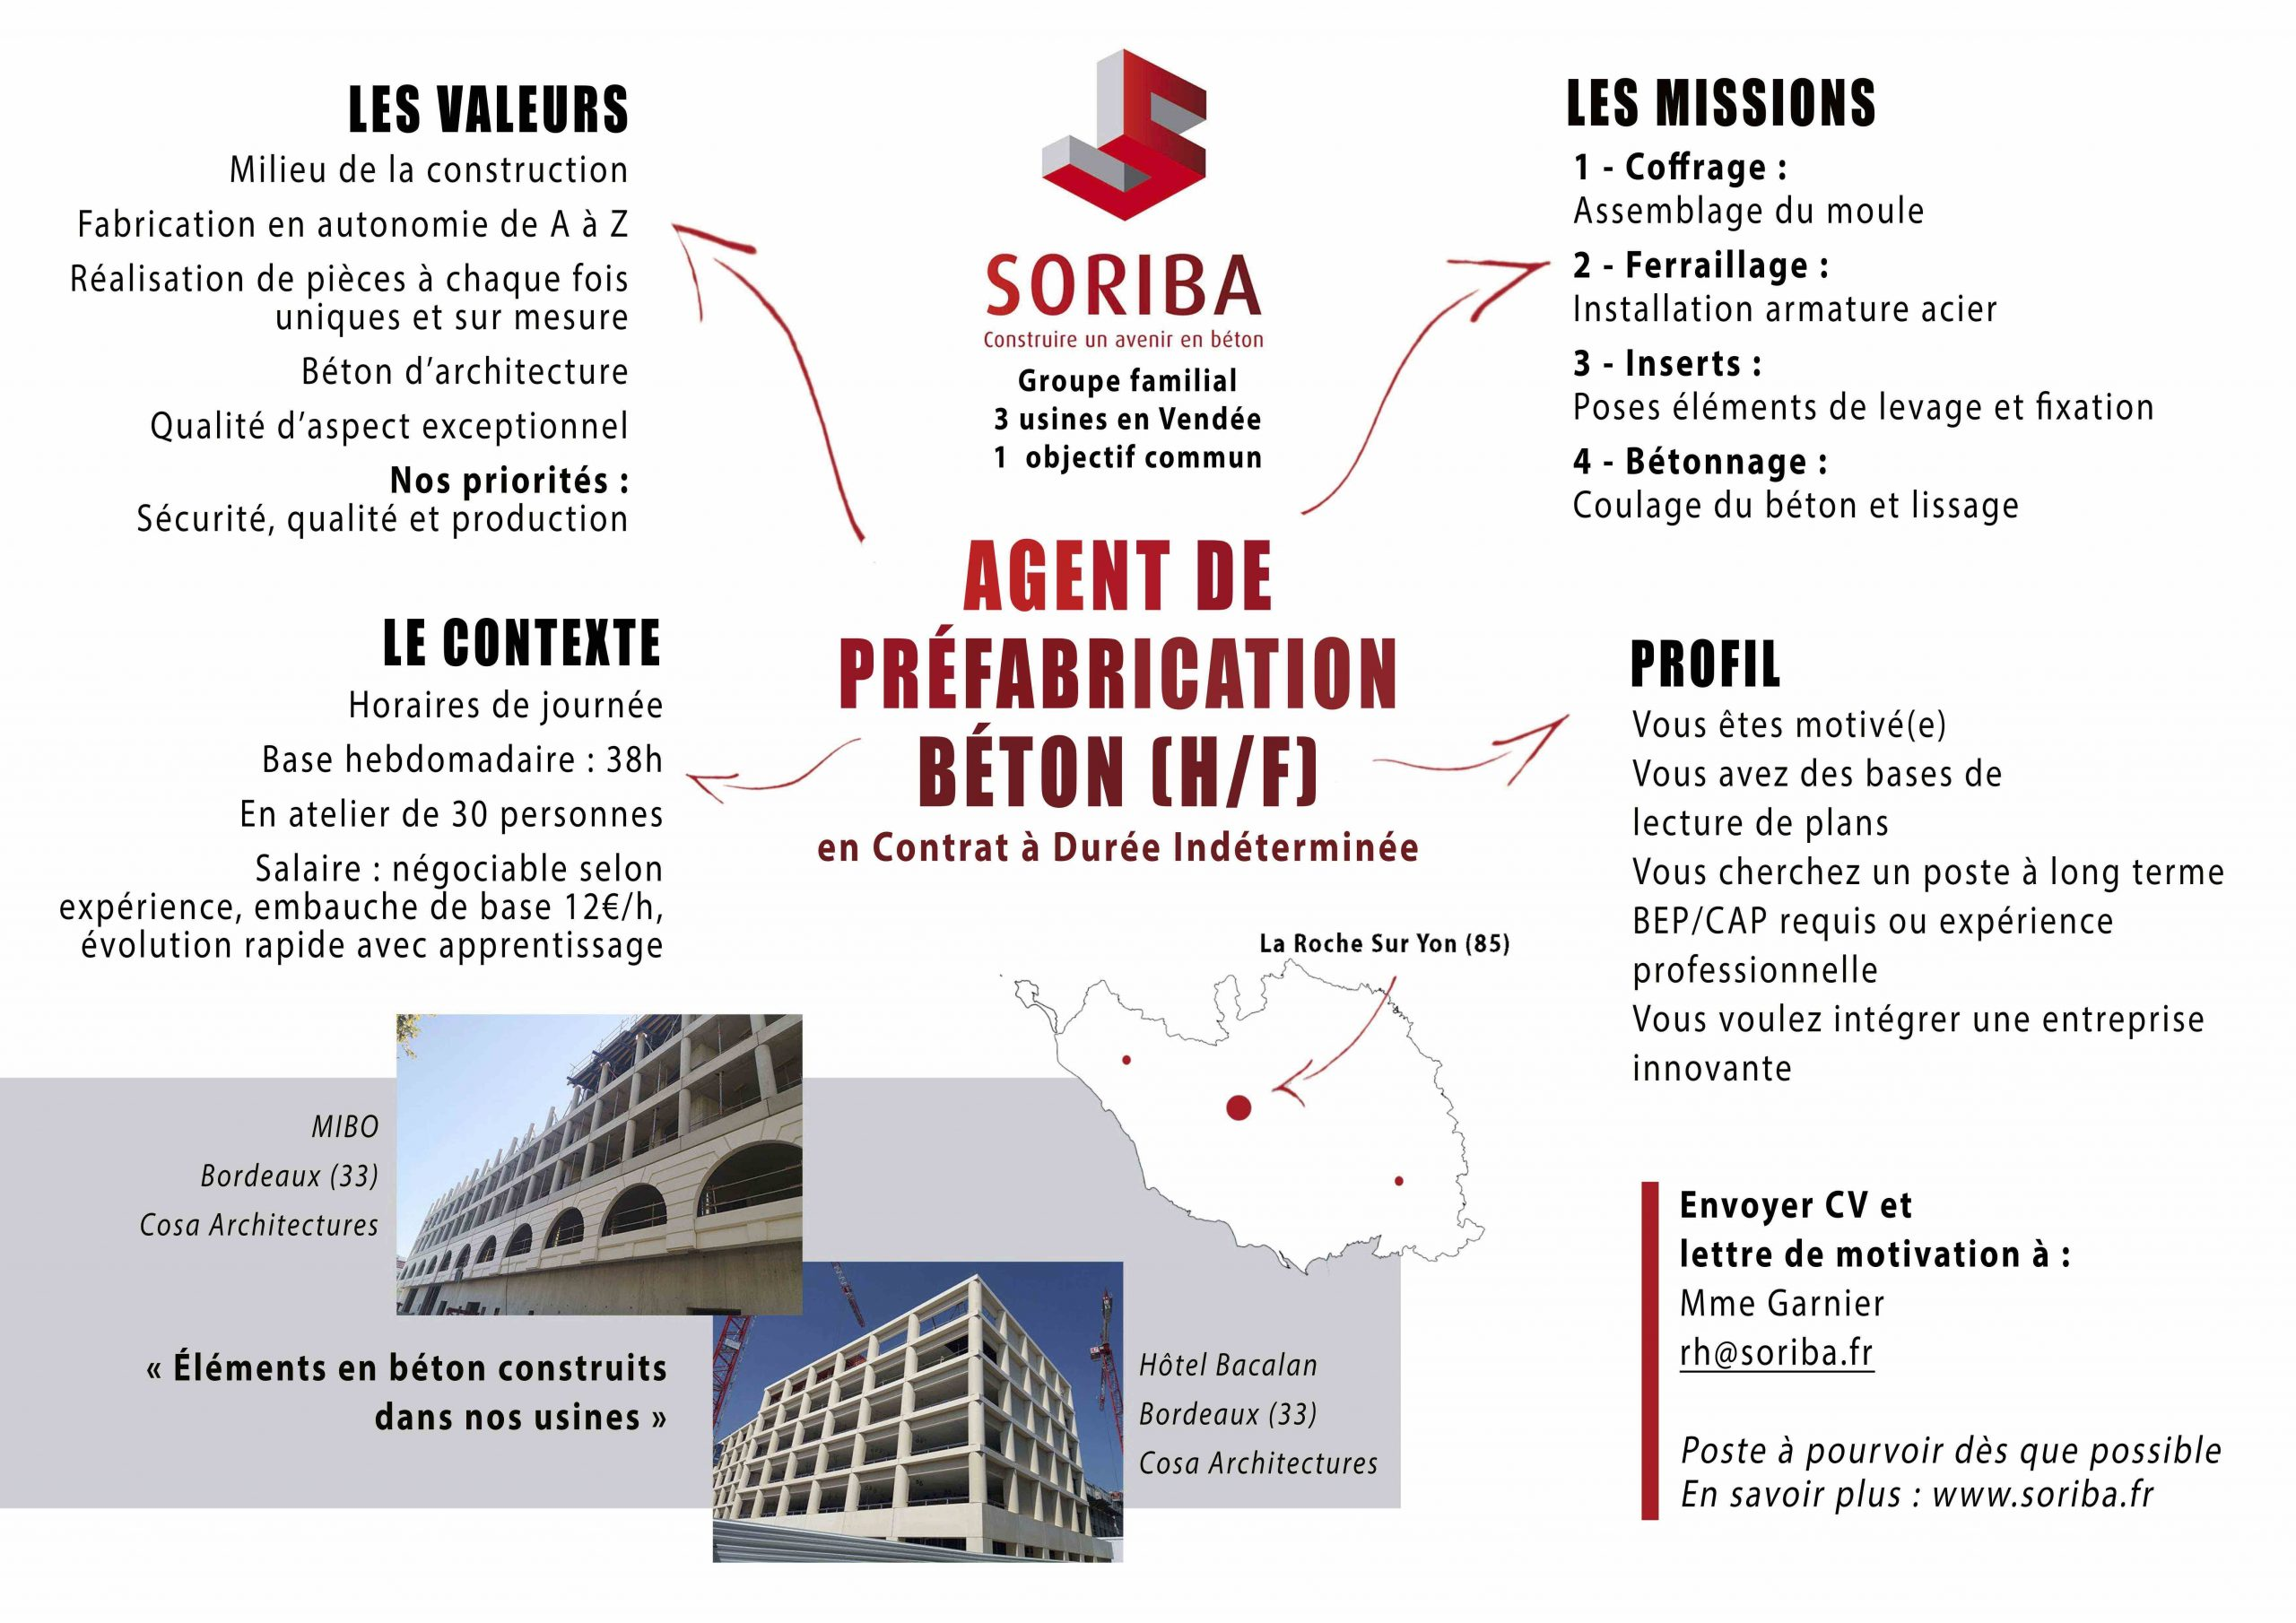 Offre agent de préfabrication La Roche